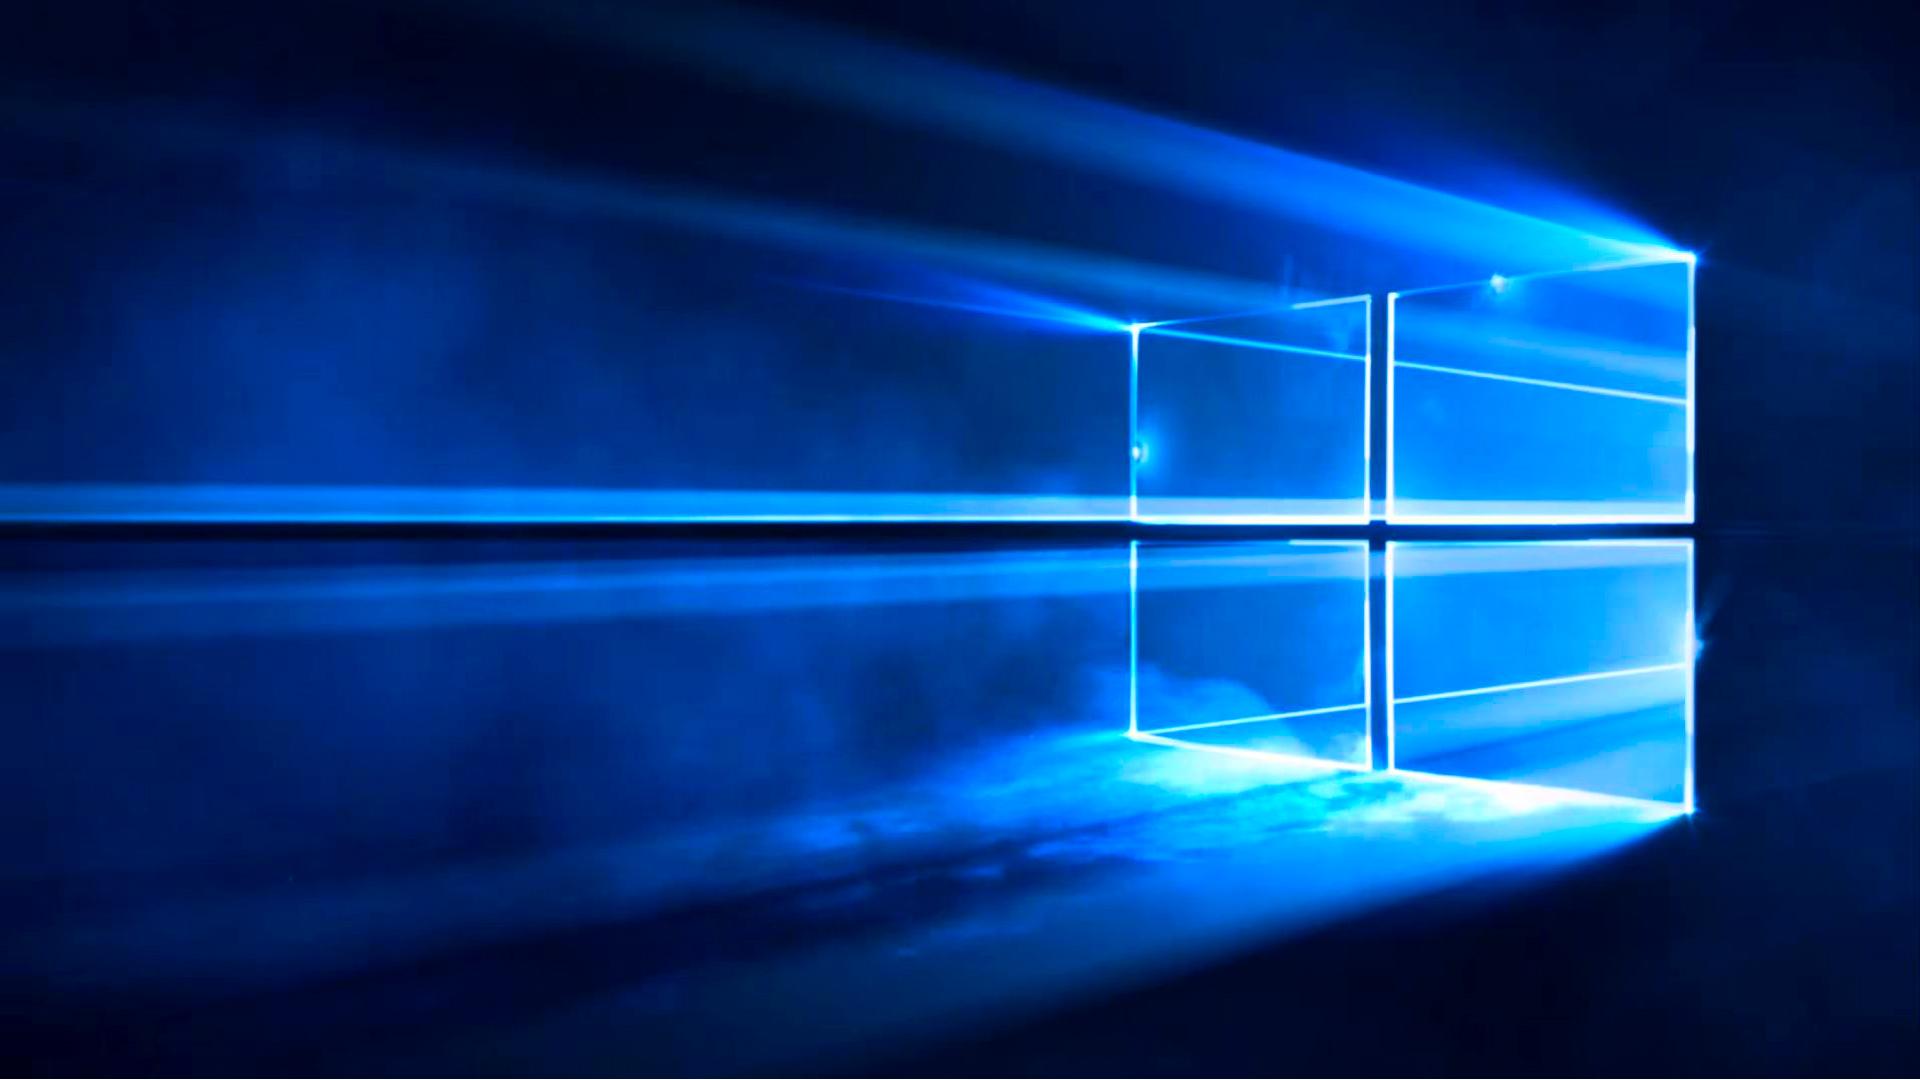 Windows 10 Logo HD desktop wallpaper : Widescreen : Fullscreen ...